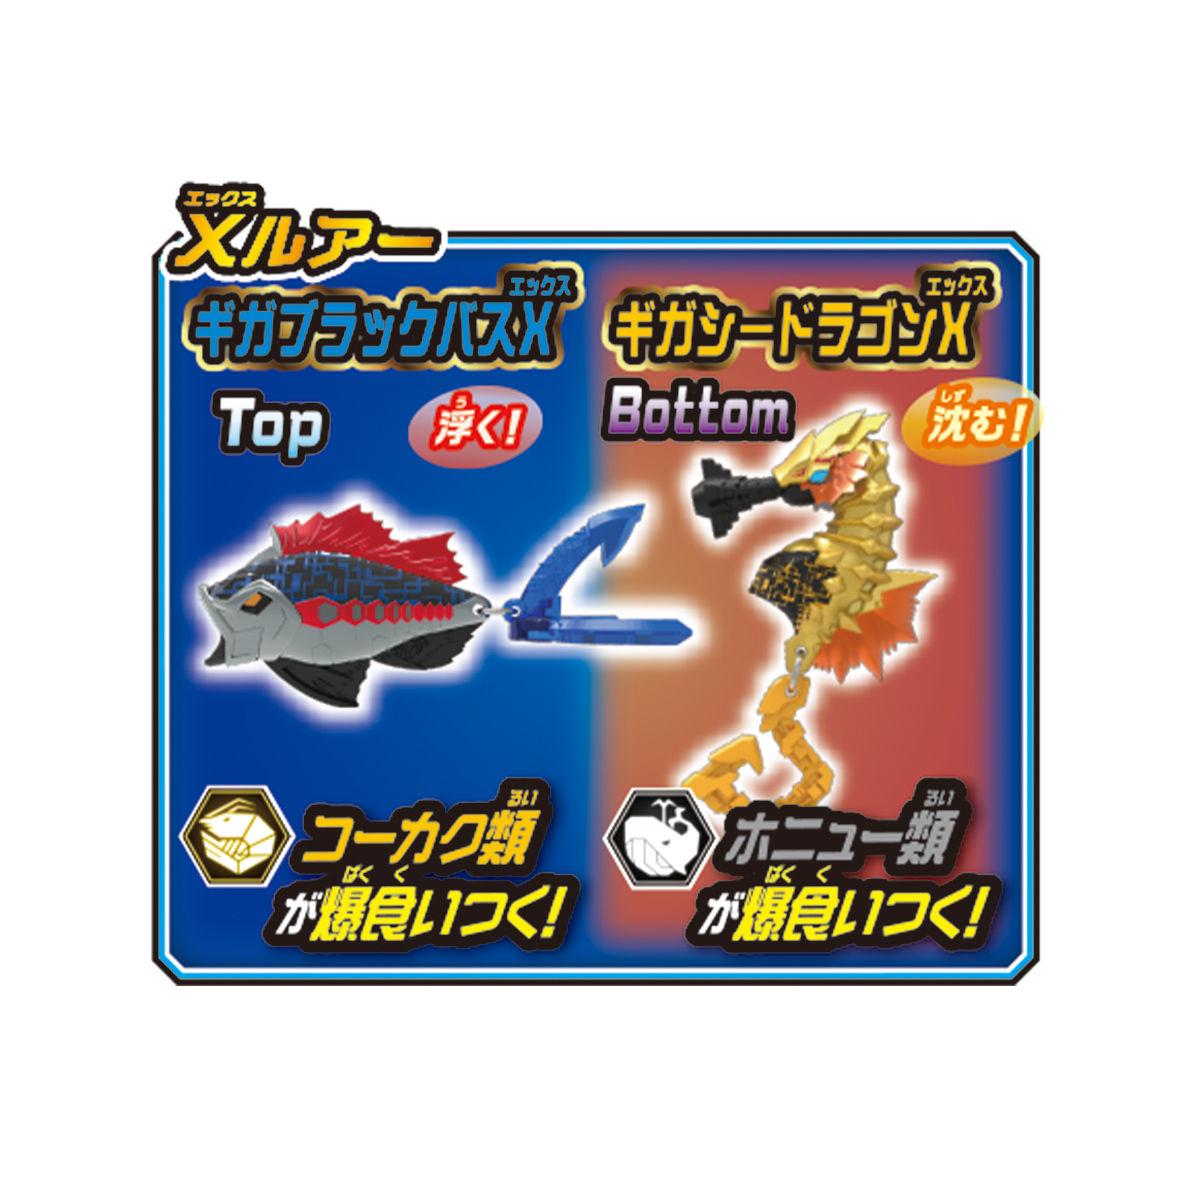 爆釣ギガルアー ブースターパック Vol.1